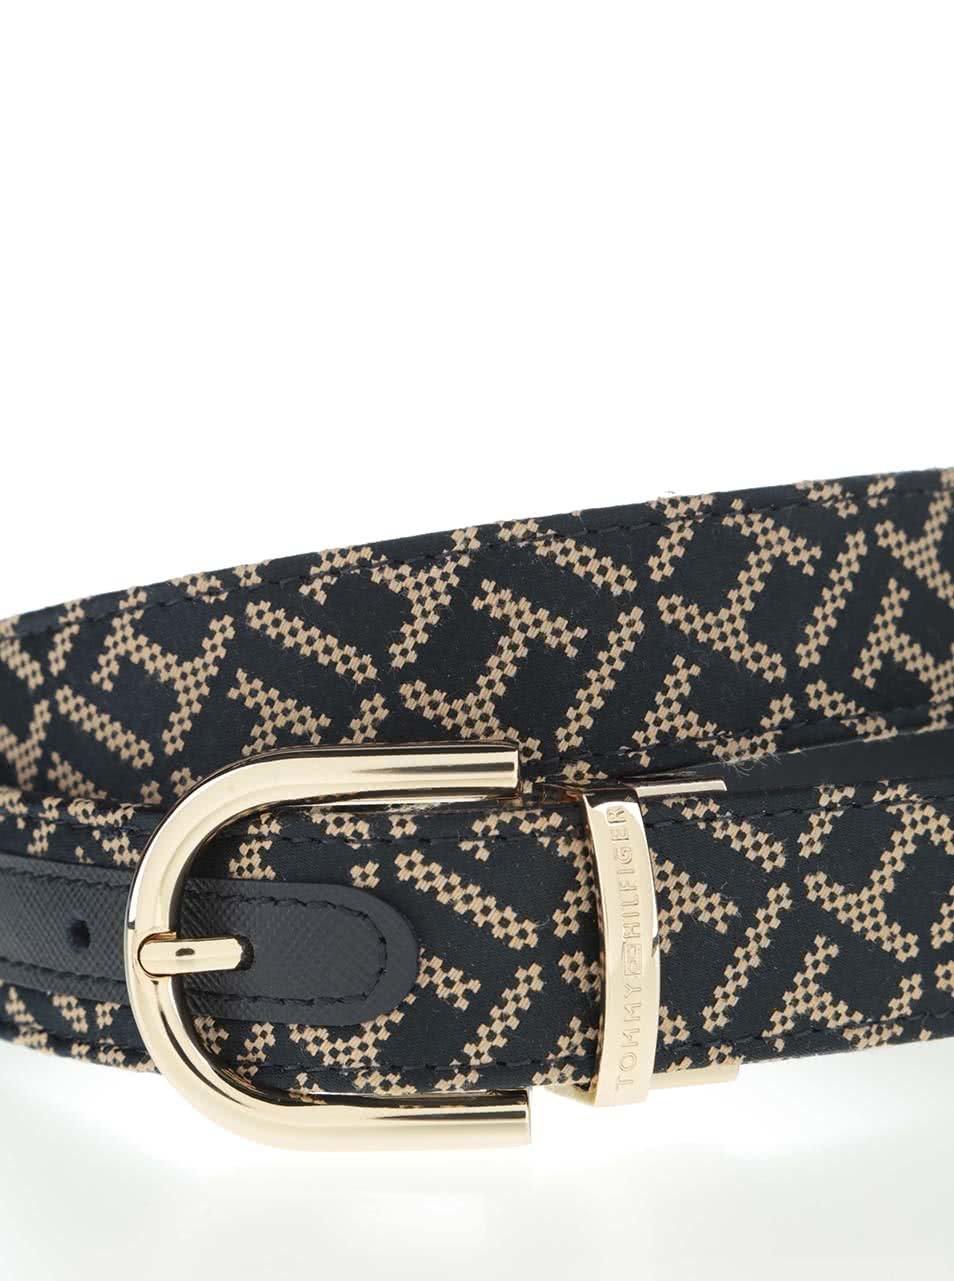 Tmavě modrý dámský pásek s béžovým vzorem Tommy Hilfiger ... d8c7db4326